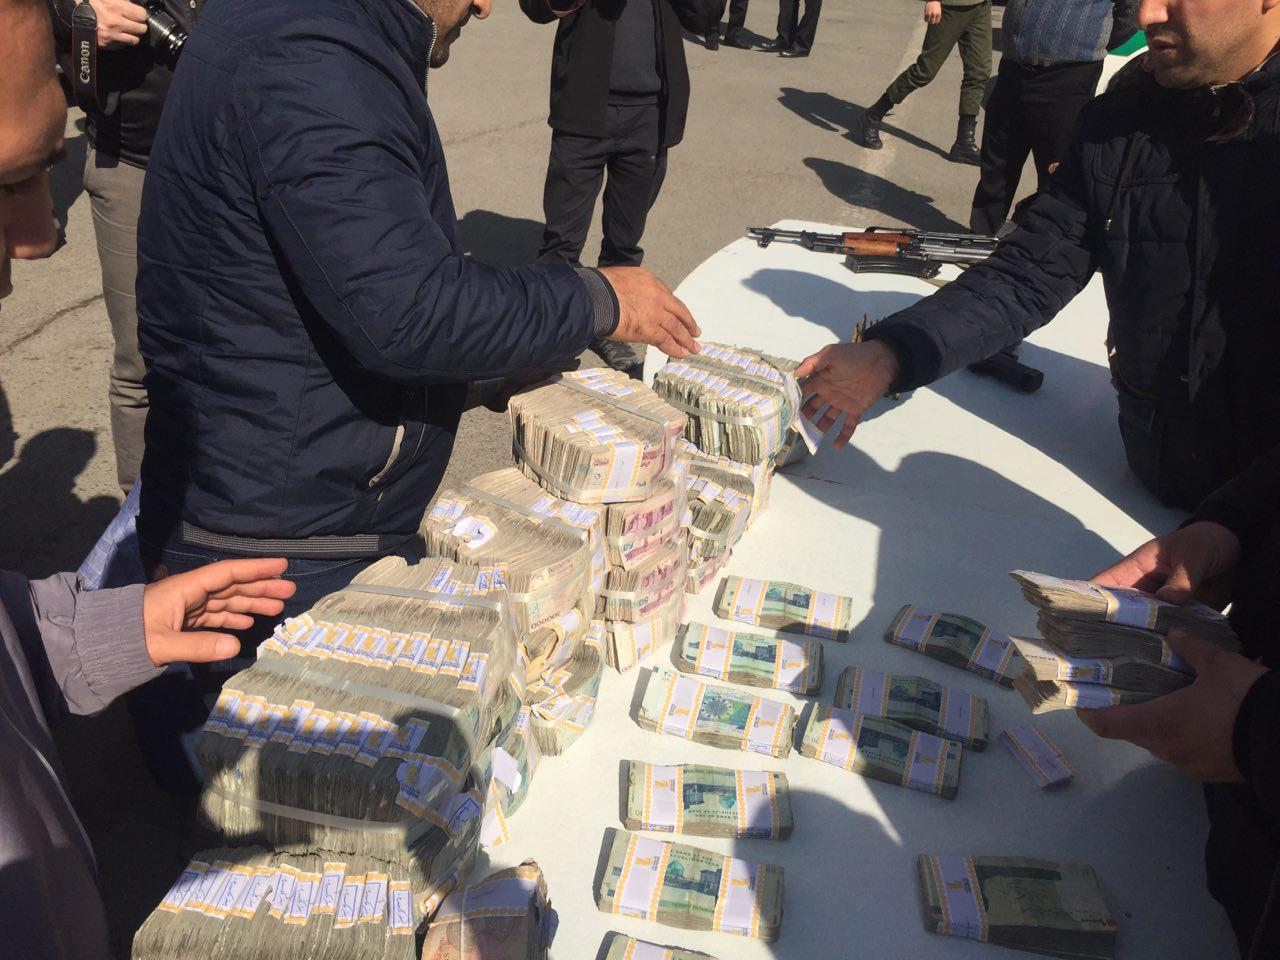 سارقان خودروی حمل پول بانک پاسارگاد دستگیر شدند/ یک زن در میان سارقان (+عکس)